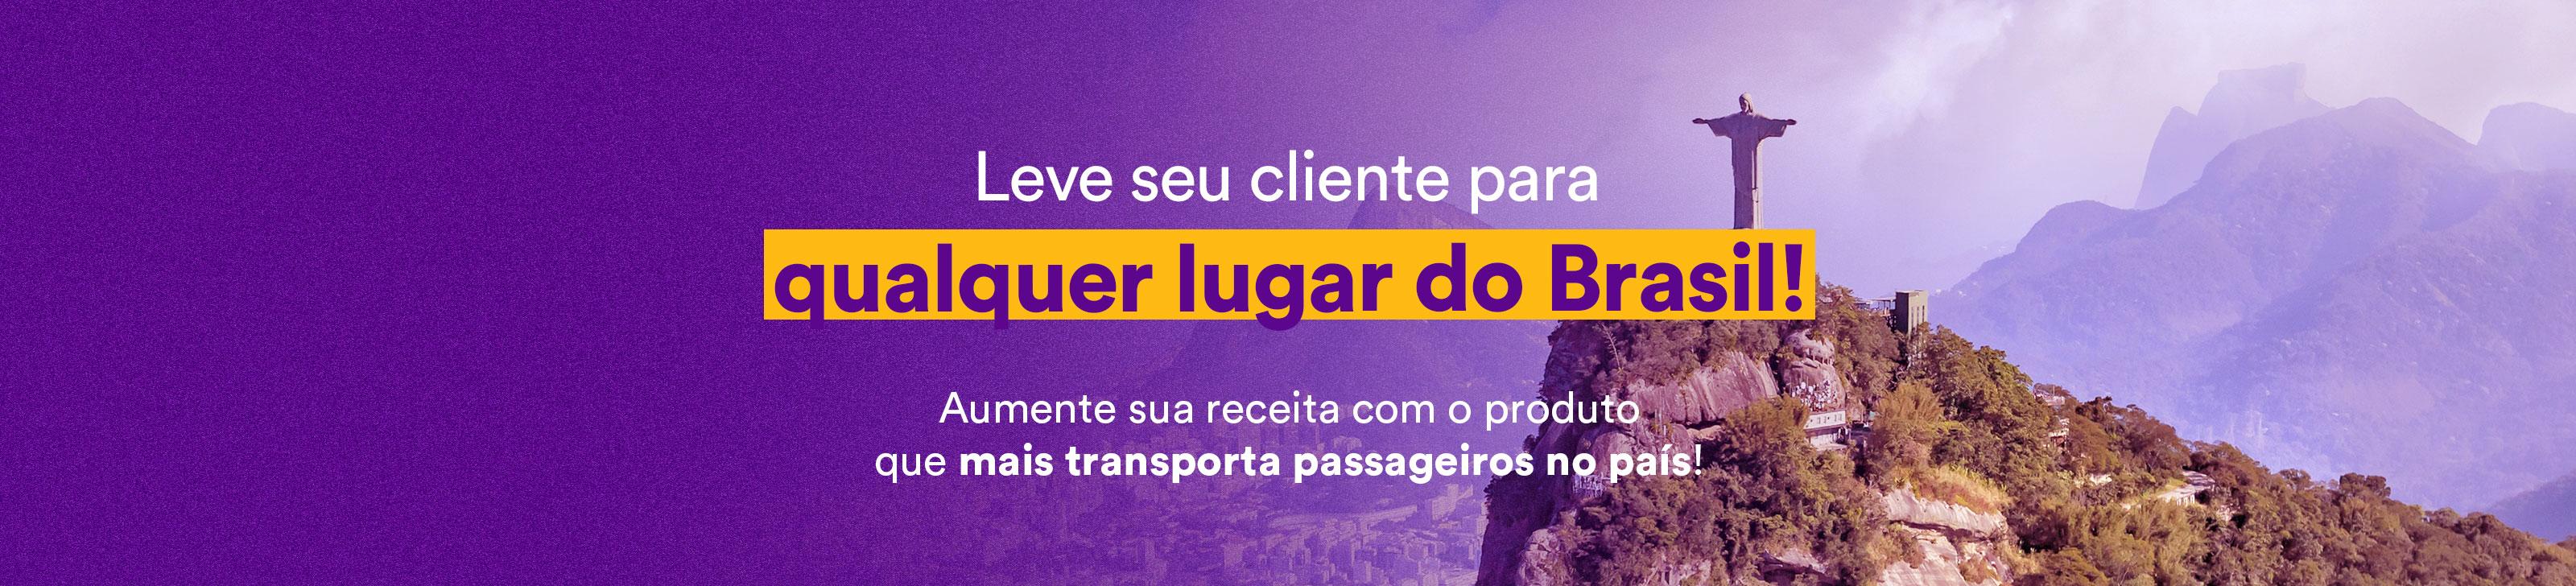 Leve seu cliente para qualquer lugar do Brasil